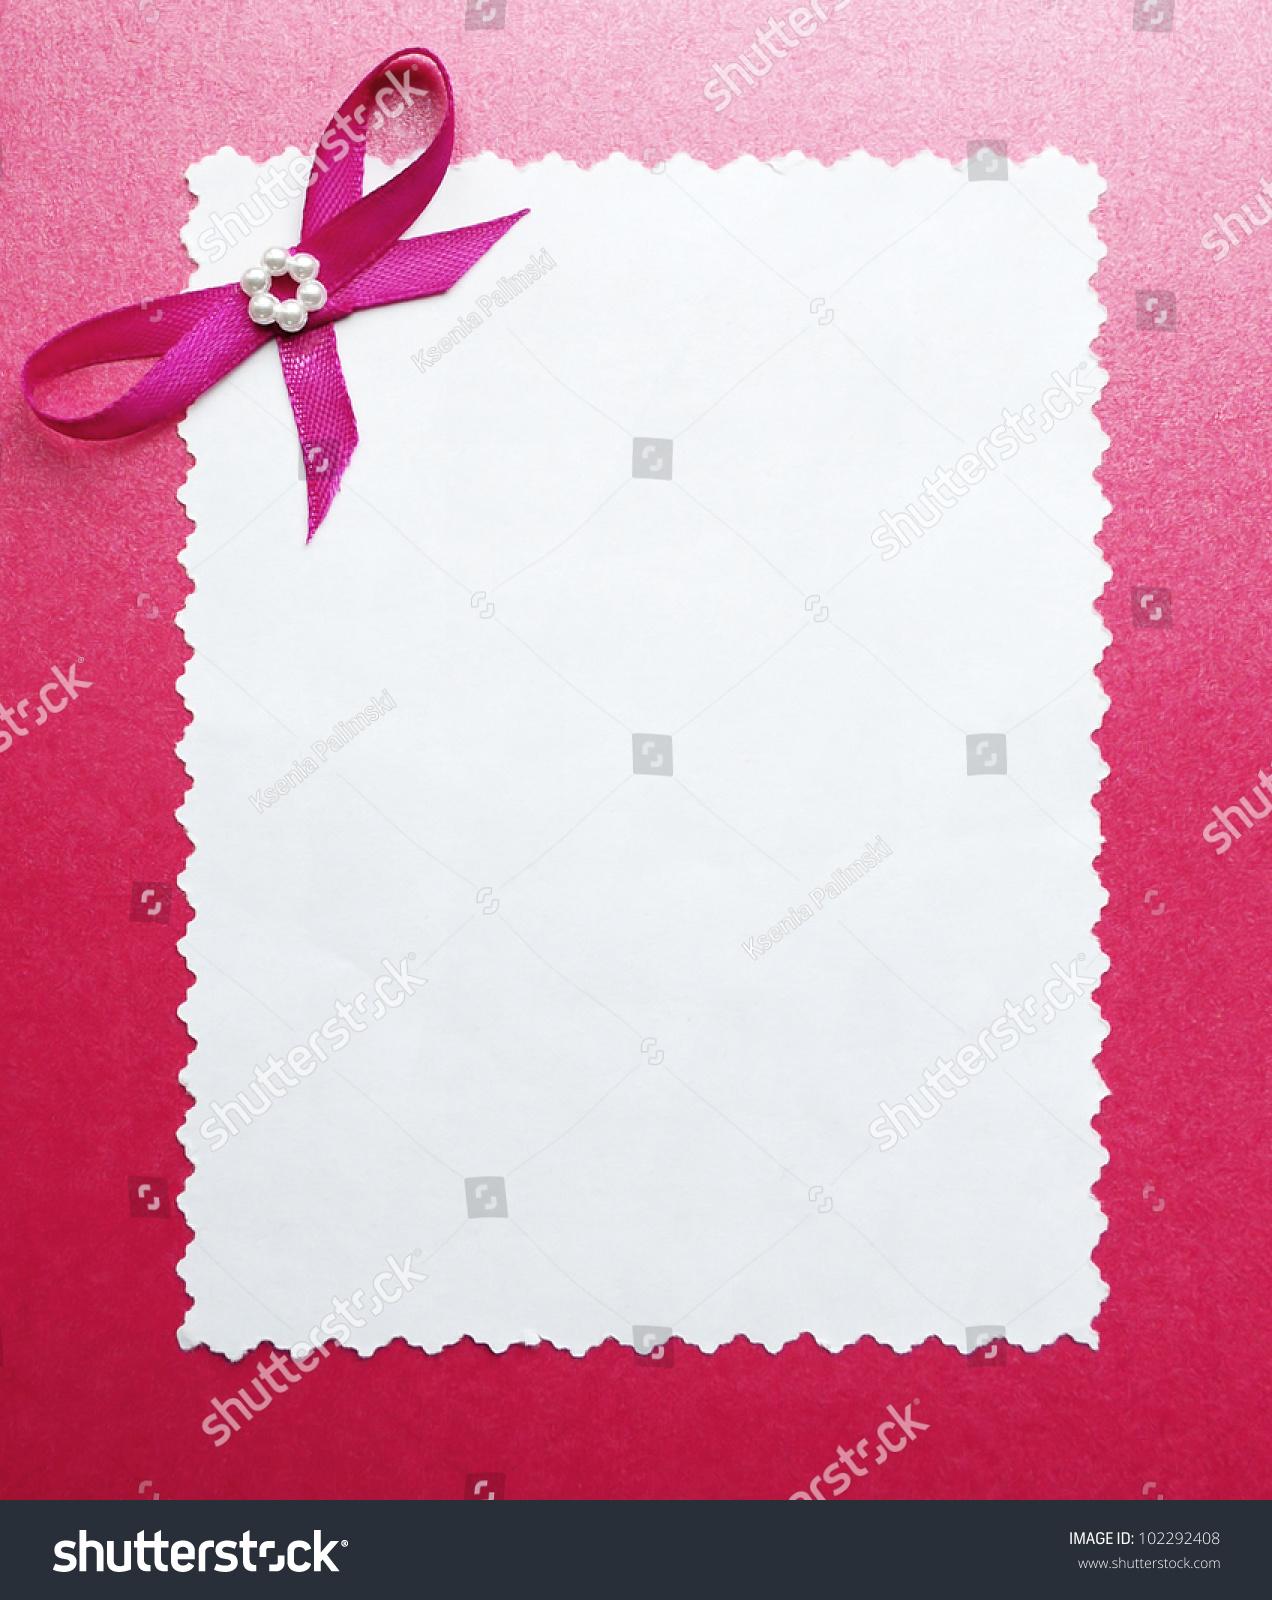 Пустые бланки для открыток